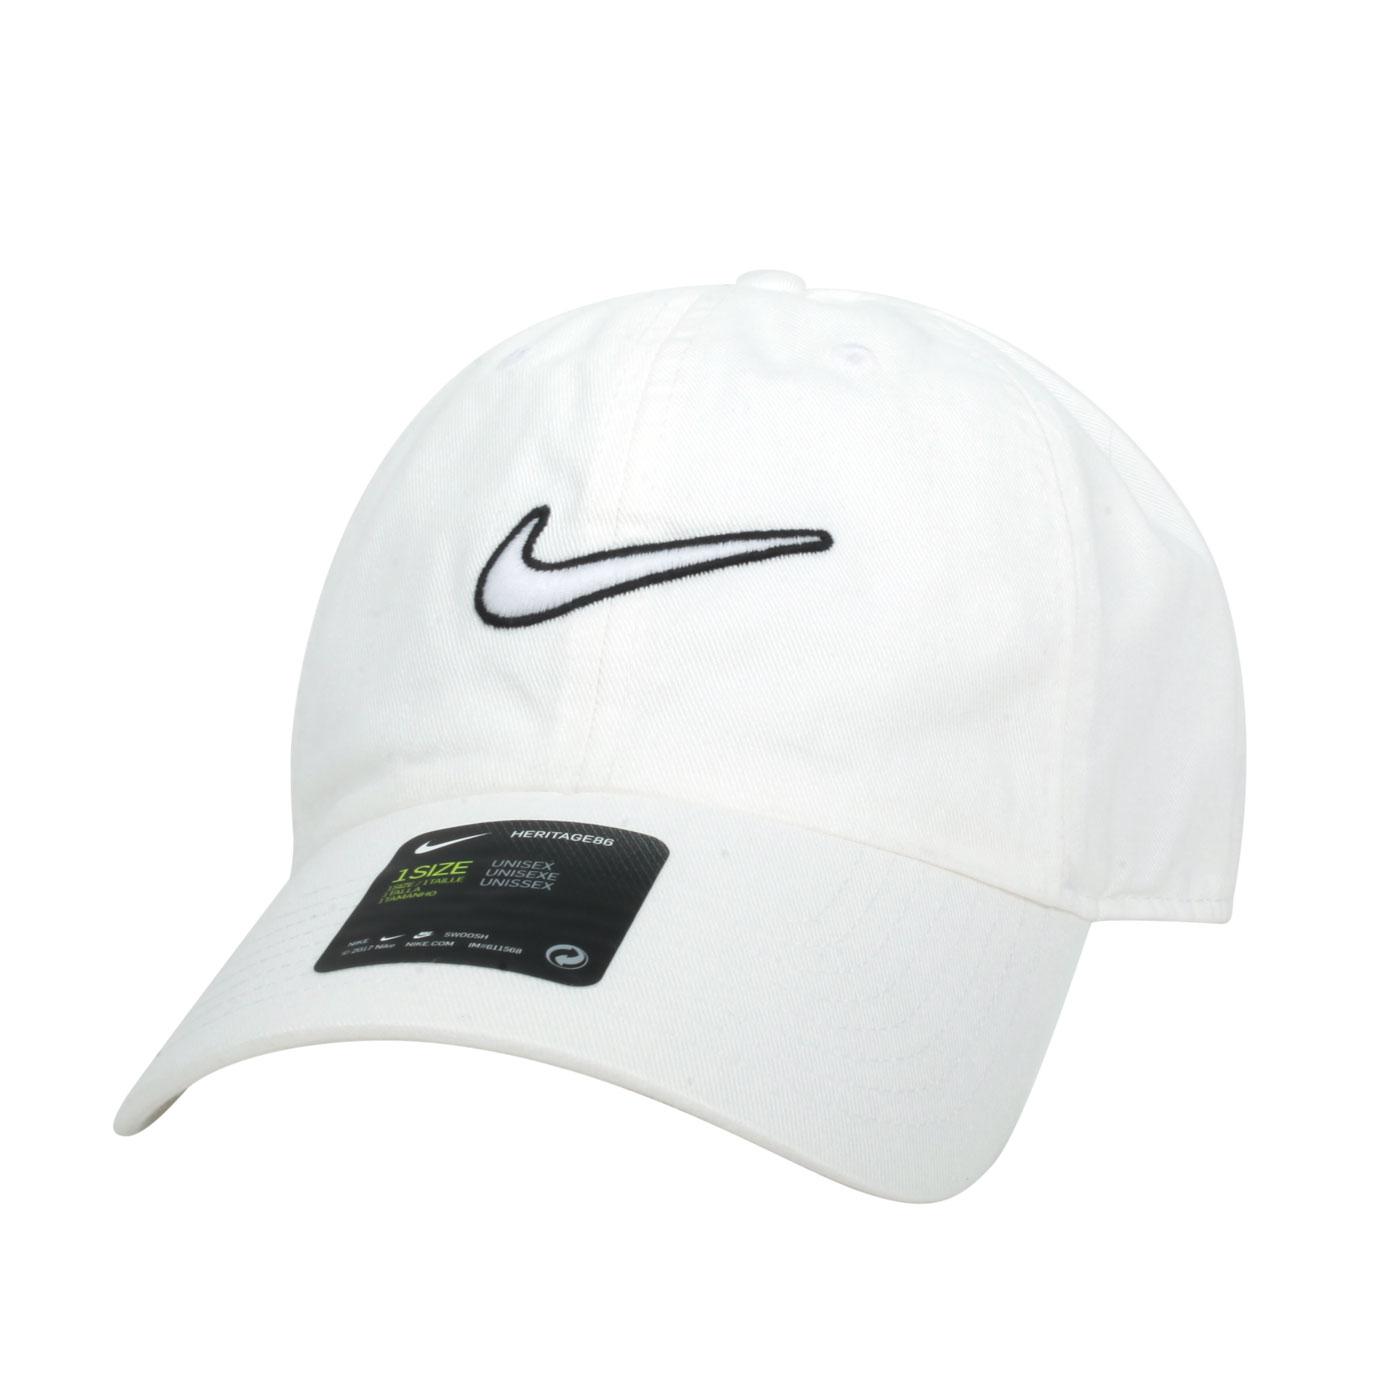 NIKE 運動帽 943091-100 - 白黑